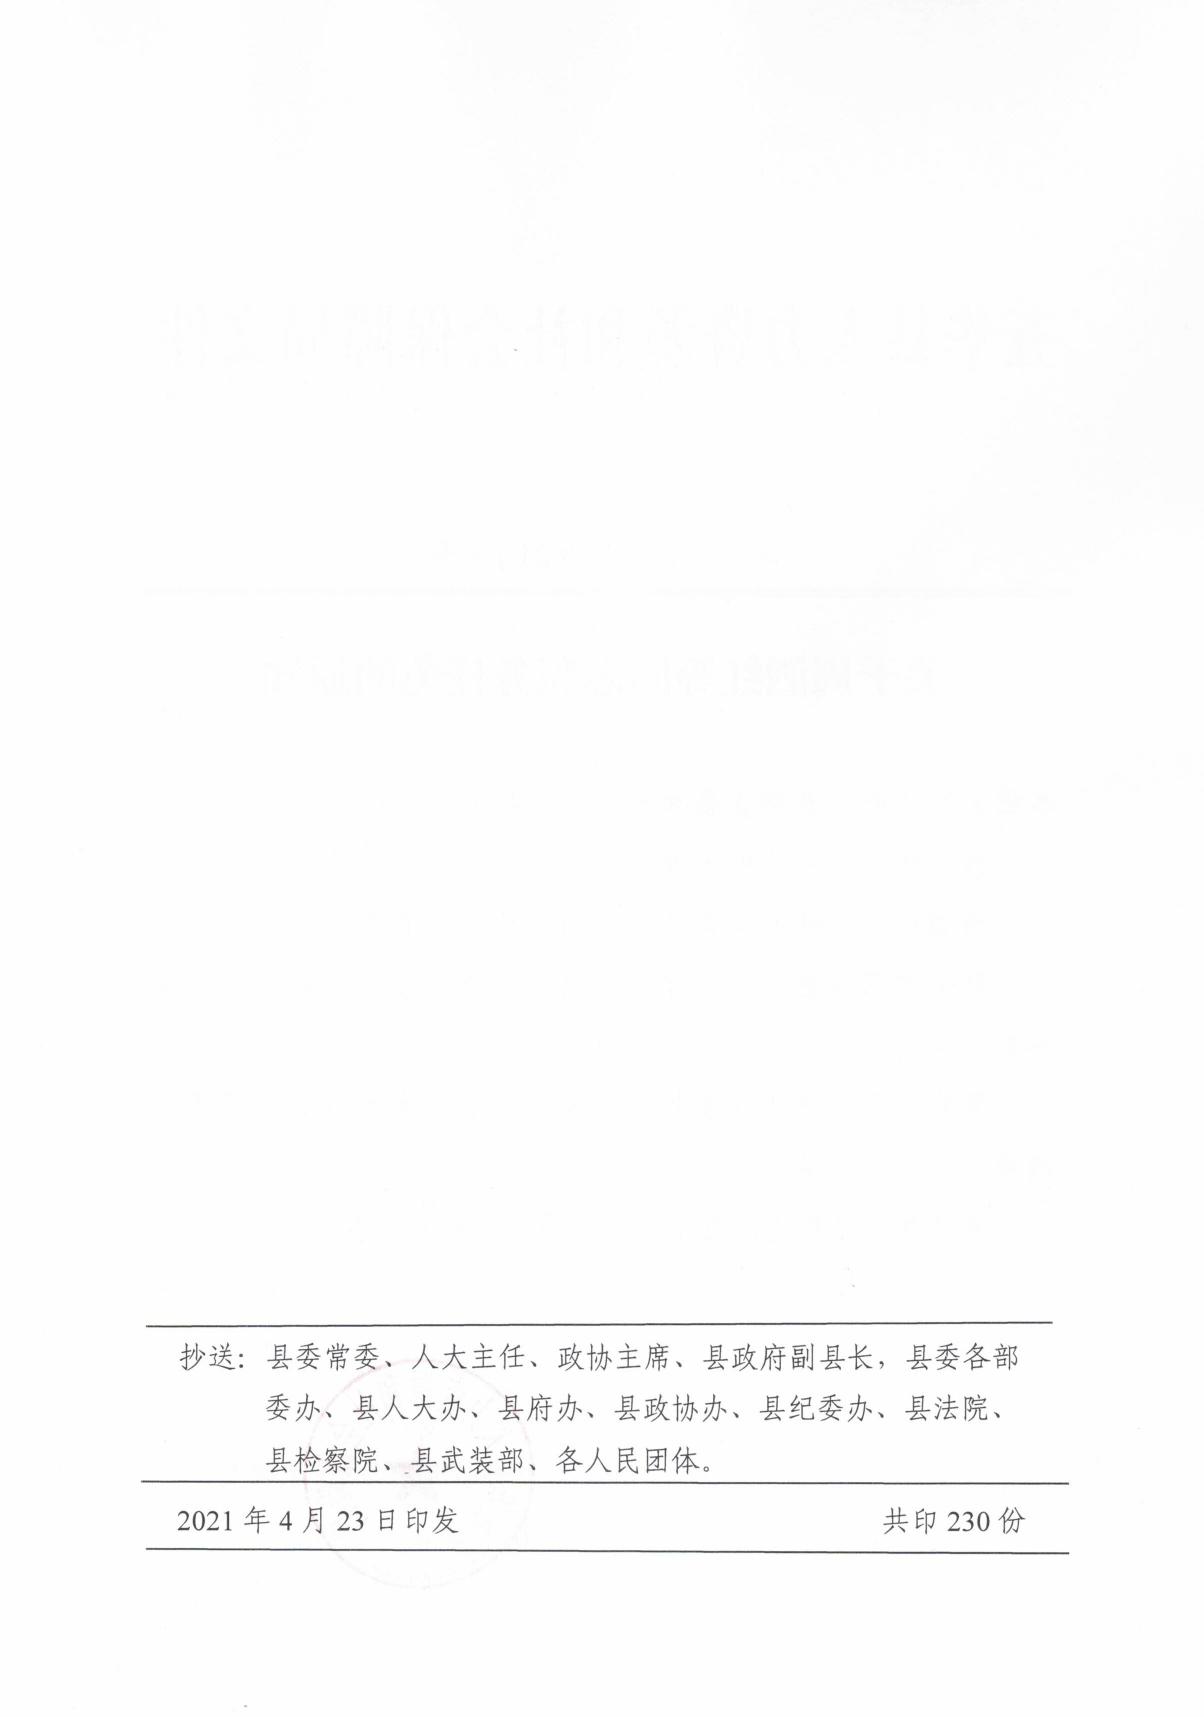 华人社任字【2021】8号0001.jpg